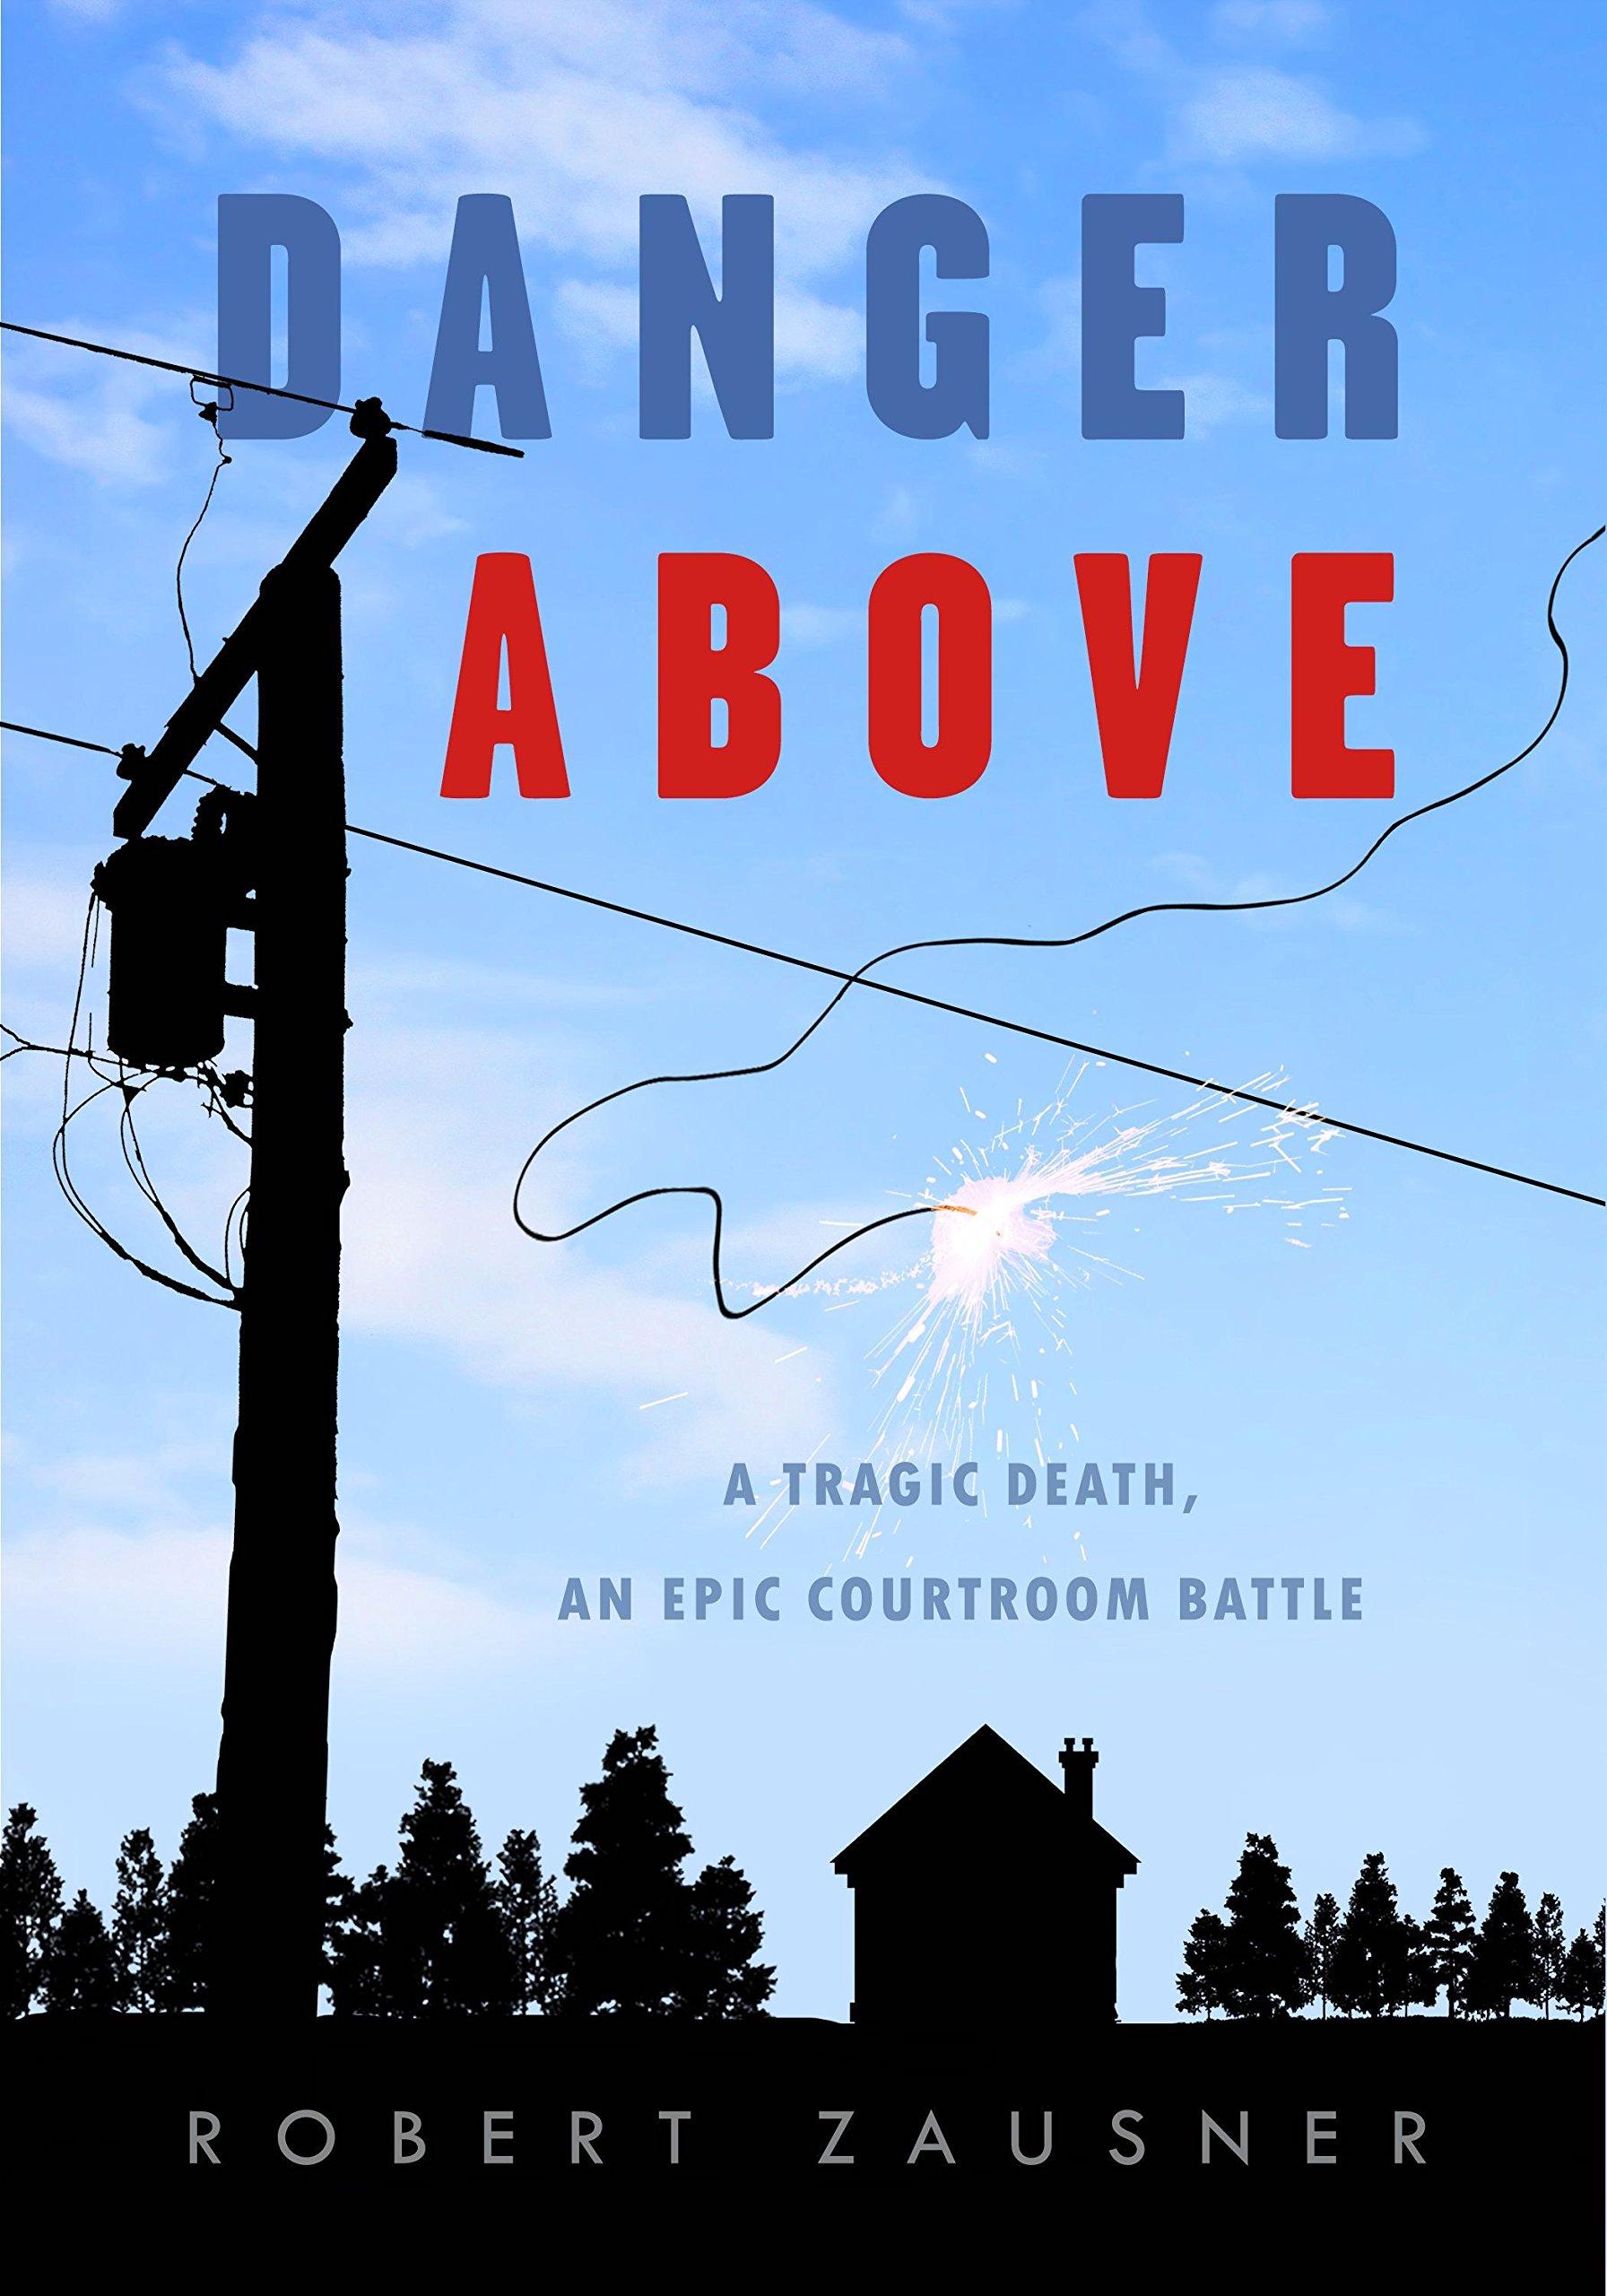 Danger Above: A Tragic Death, An Epic Courtroom Battle